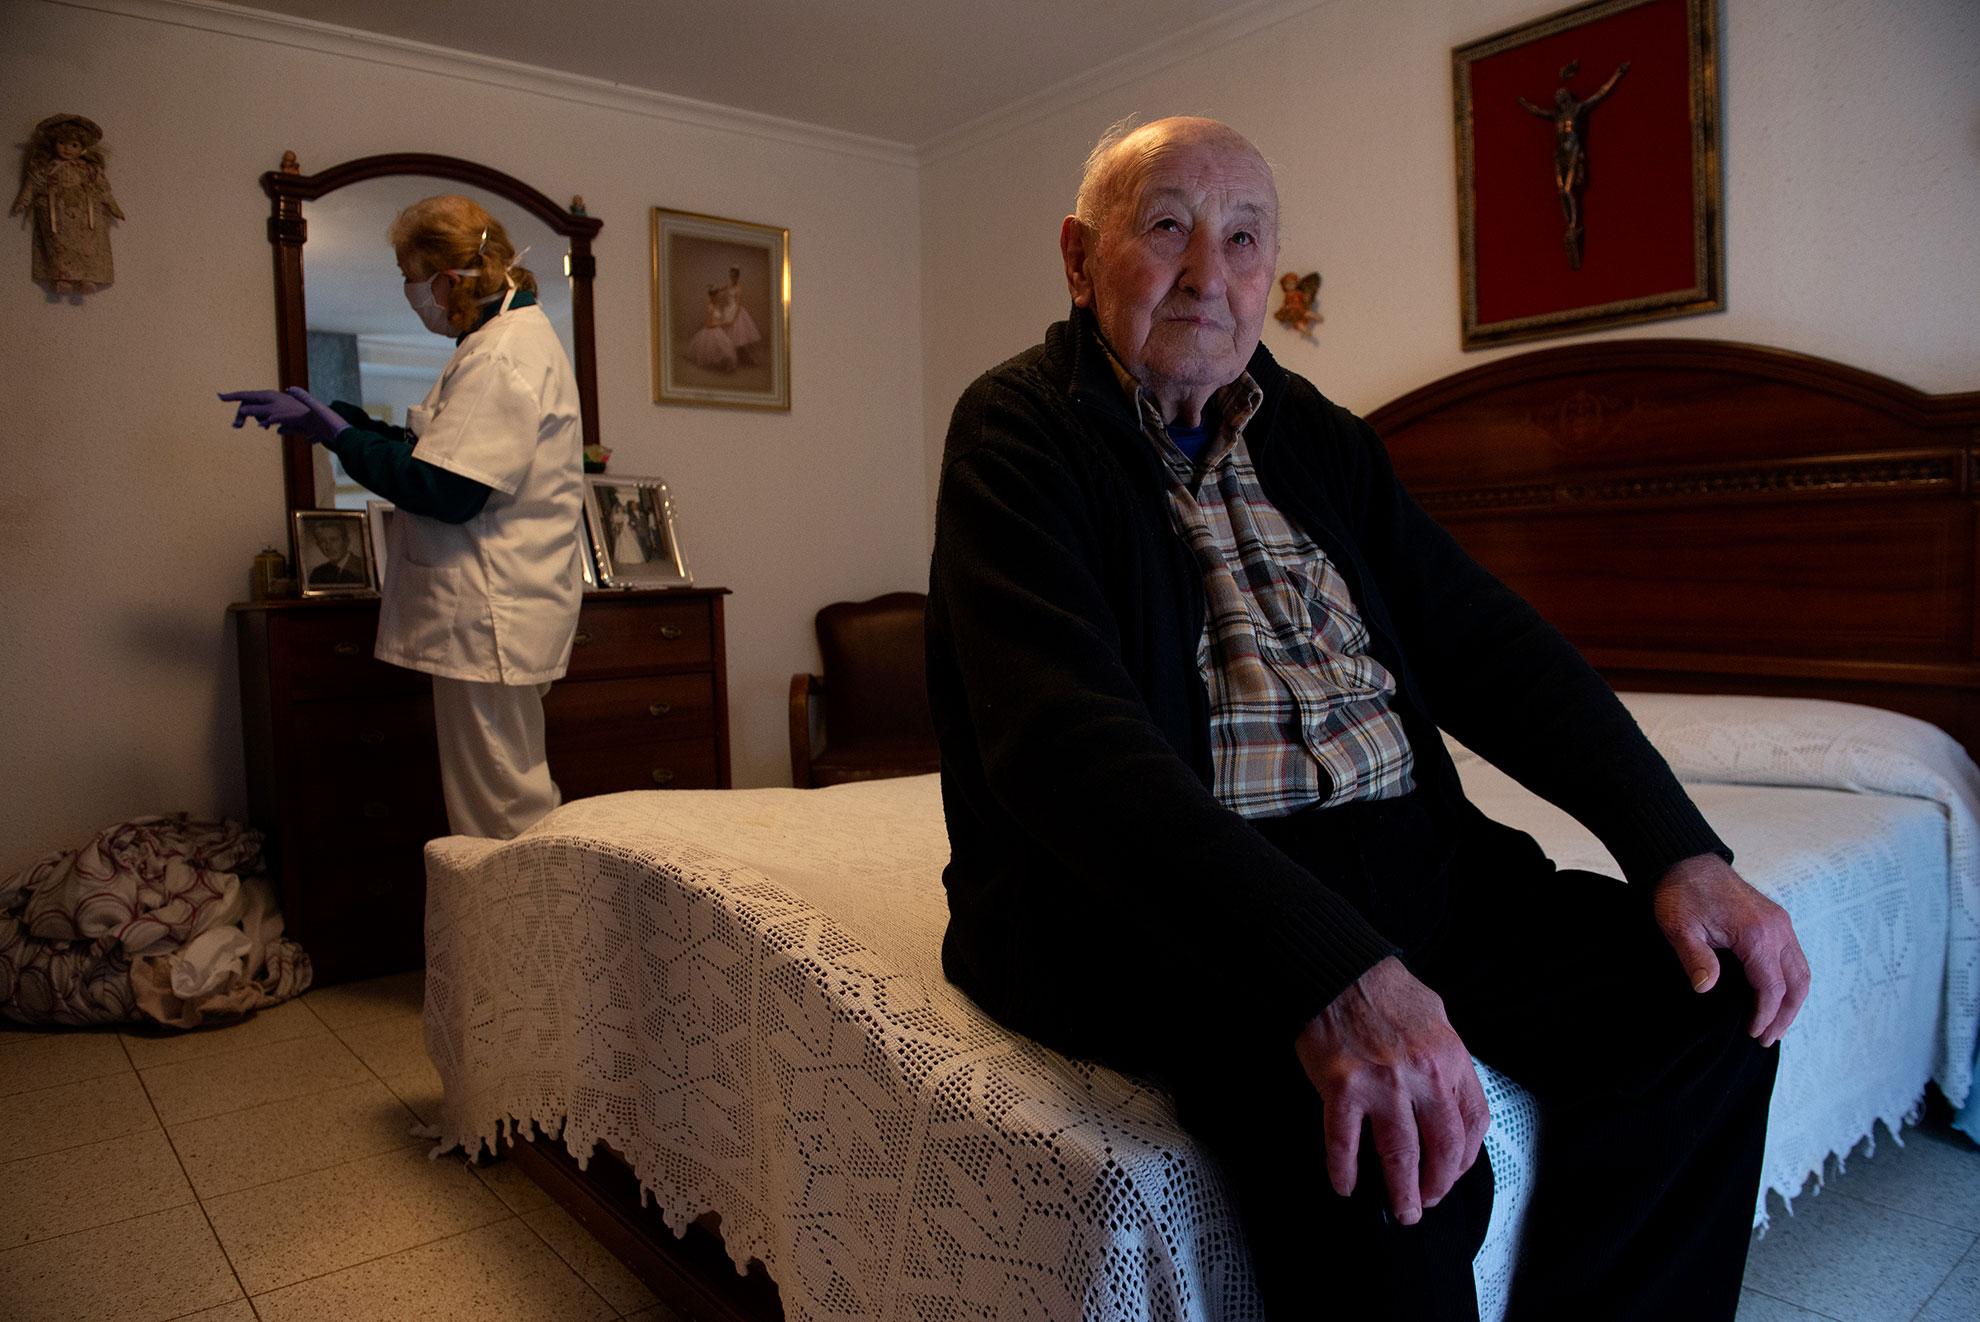 Mariano tiene 91 años y vive solo desde que su mujer y su hija fallecieron hace 14 años. Pilar, trabajadora del servicio de ayuda a domicilio de la Comarca Campo de Cariñena, le visita tres veces a la semana para ayudarle en las tareas de limpieza de la casa y aseo personal. El mejor momento del día, dice Mariano, que se deshace en halagos hacia su cuidadora. Pilar cuenta que Mariano es muy buen cocinero, él apunta que aprendió a cocinar cuando iba a trabajar a Francia a la vendimia; siempre fue jornalero del campo. Mariano no ha salido a la calle desde que se decretó el estado de alarma y echa de menos leer sus novelas del oeste al sol, en la puerta de casa. Las visitas de Pilar y las llamadas constantes de su nieta, que vive en Madrid, son su contacto con el mundo exterior en estos tiempos difíciles.